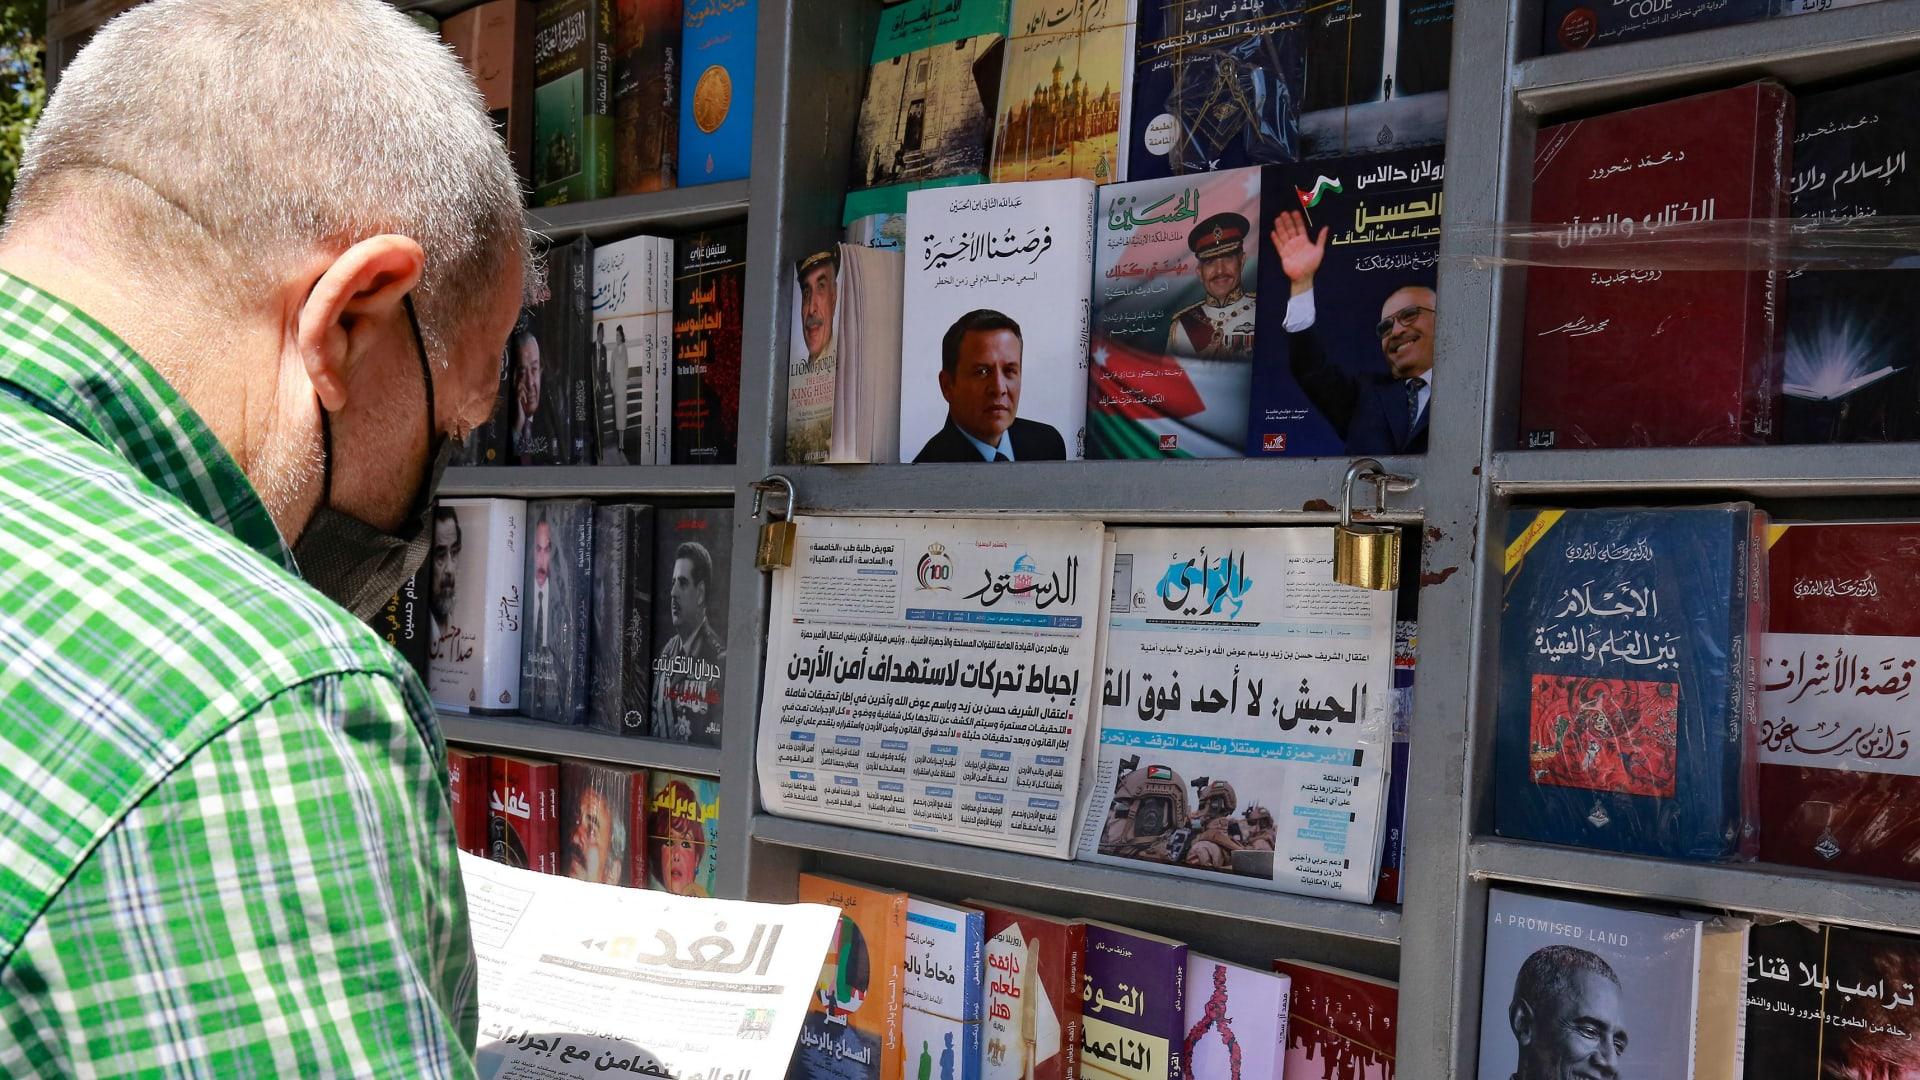 الأردن: النائب العام يصادق على لائحة اتهام قضية الفتنة بينها تعاطي مخدرات